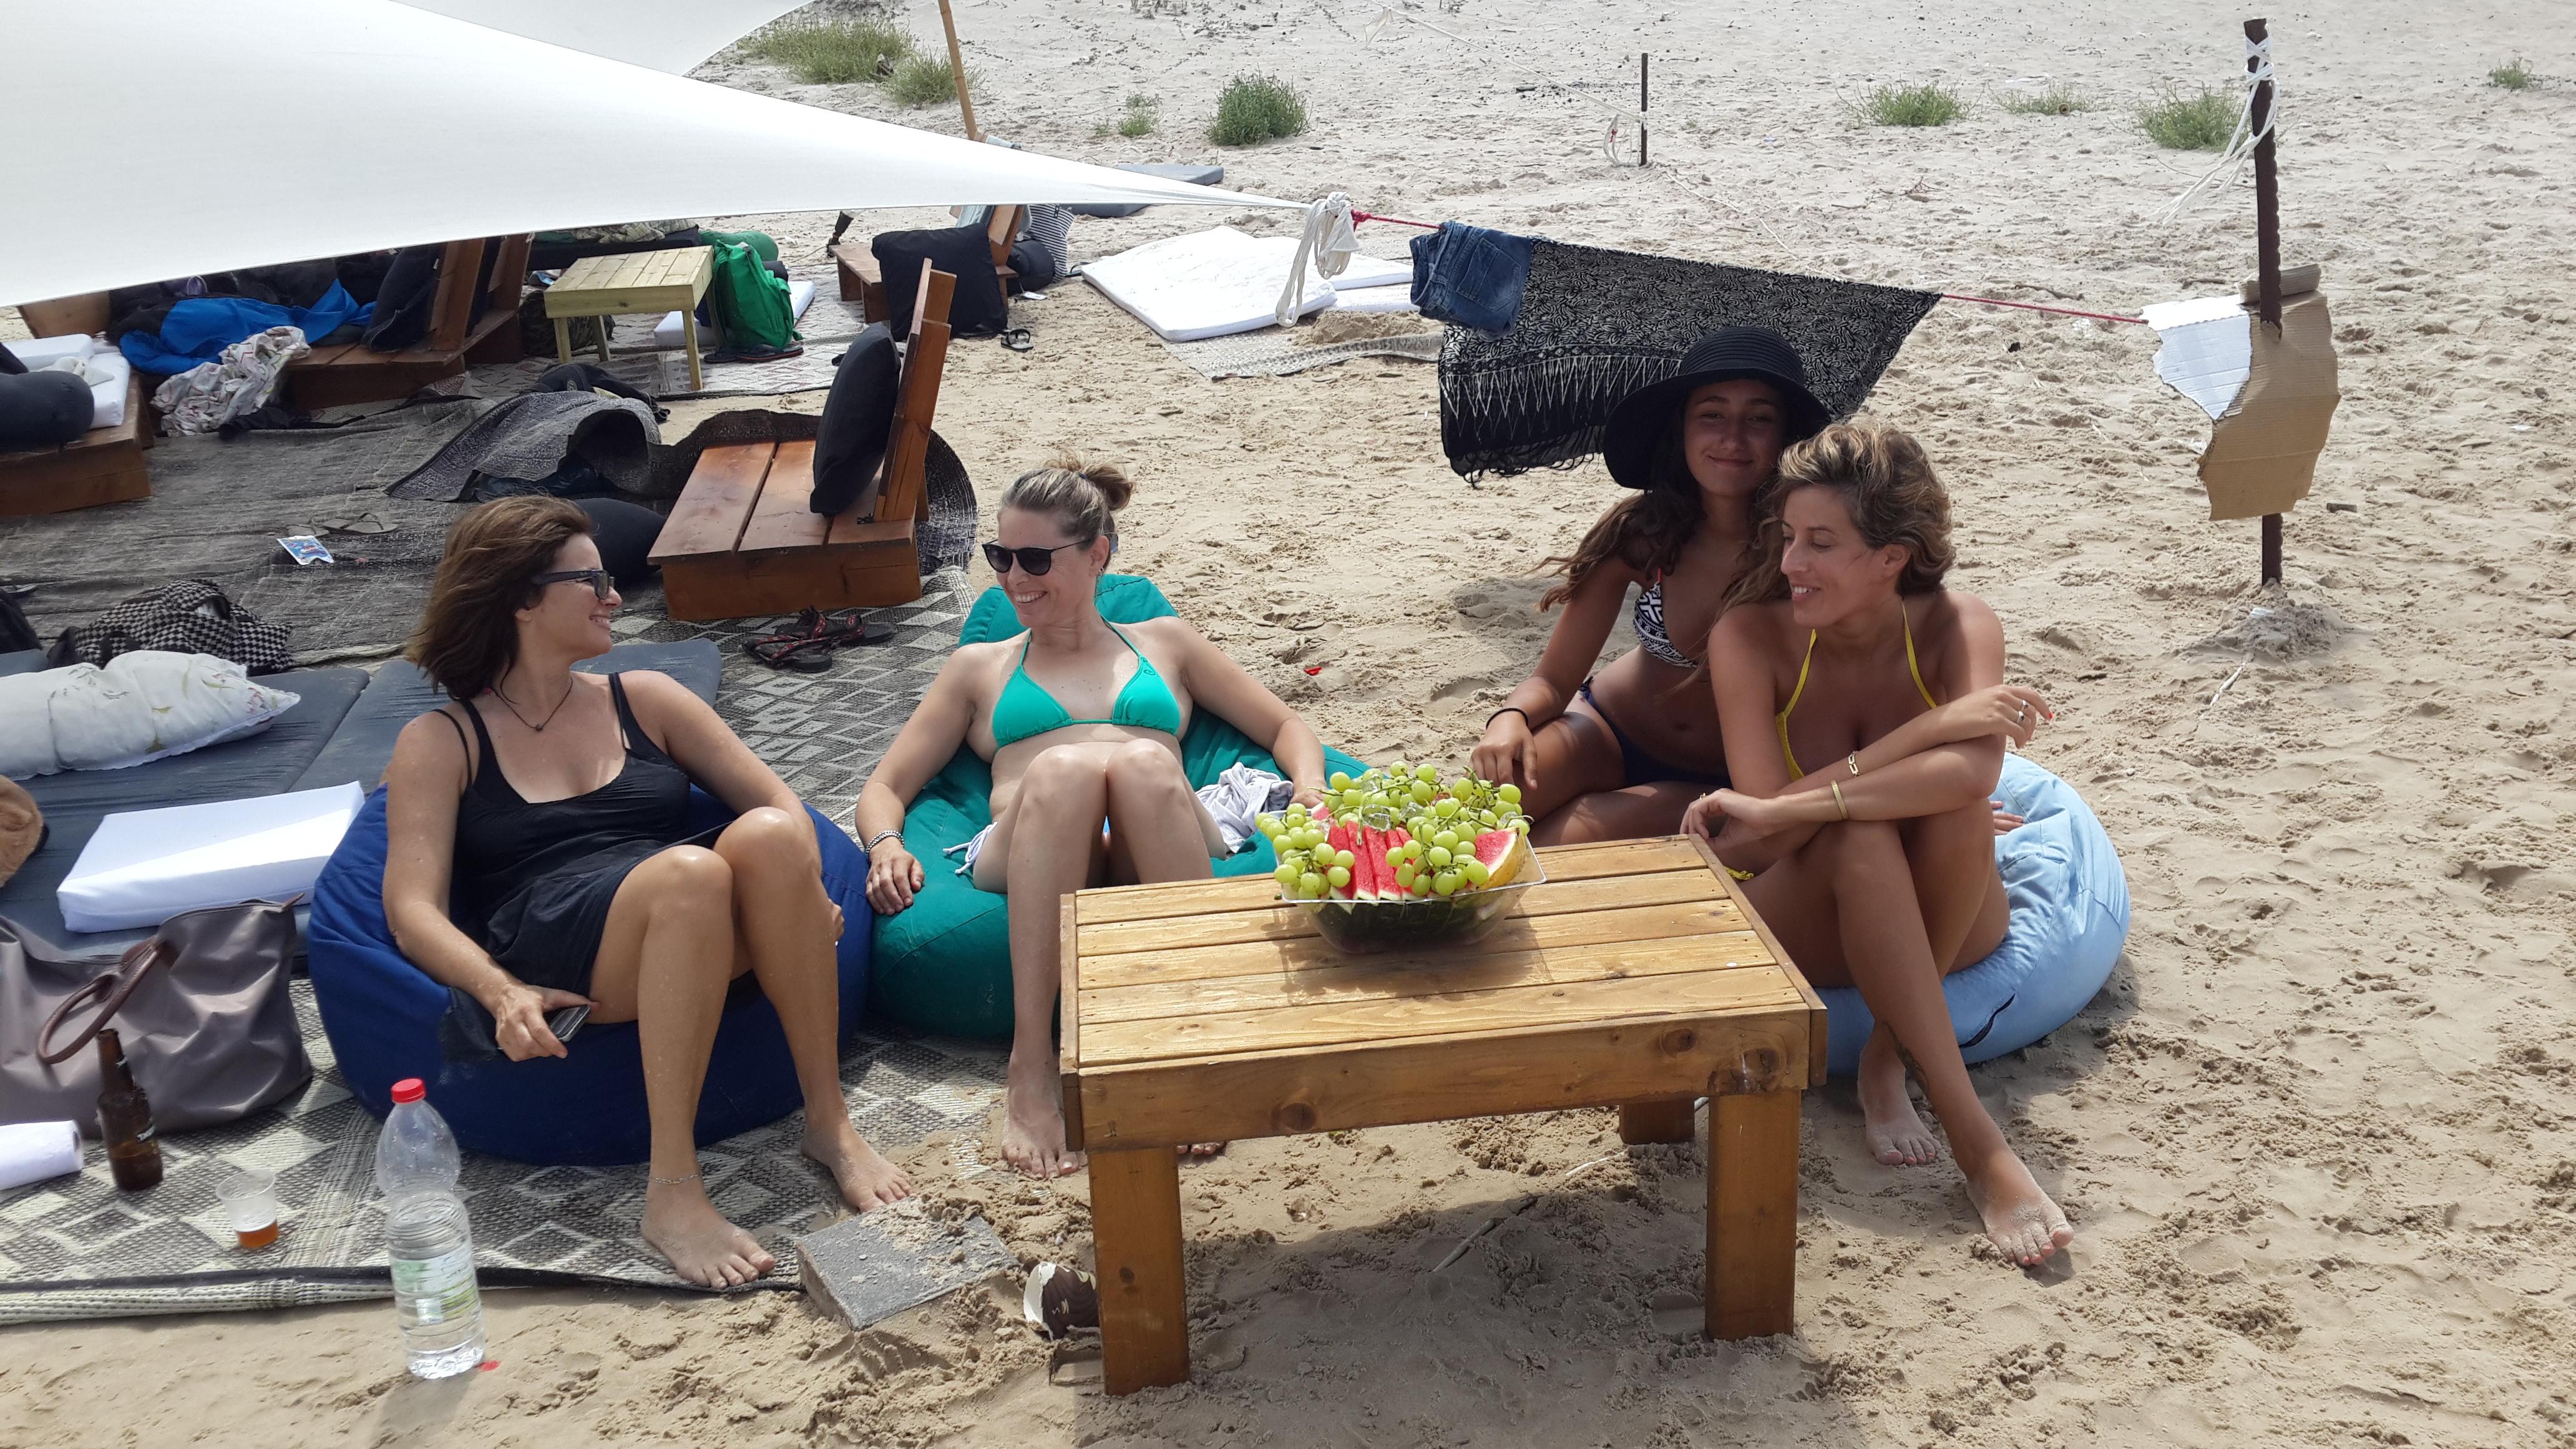 קמפינג משפחתי בחוף הים